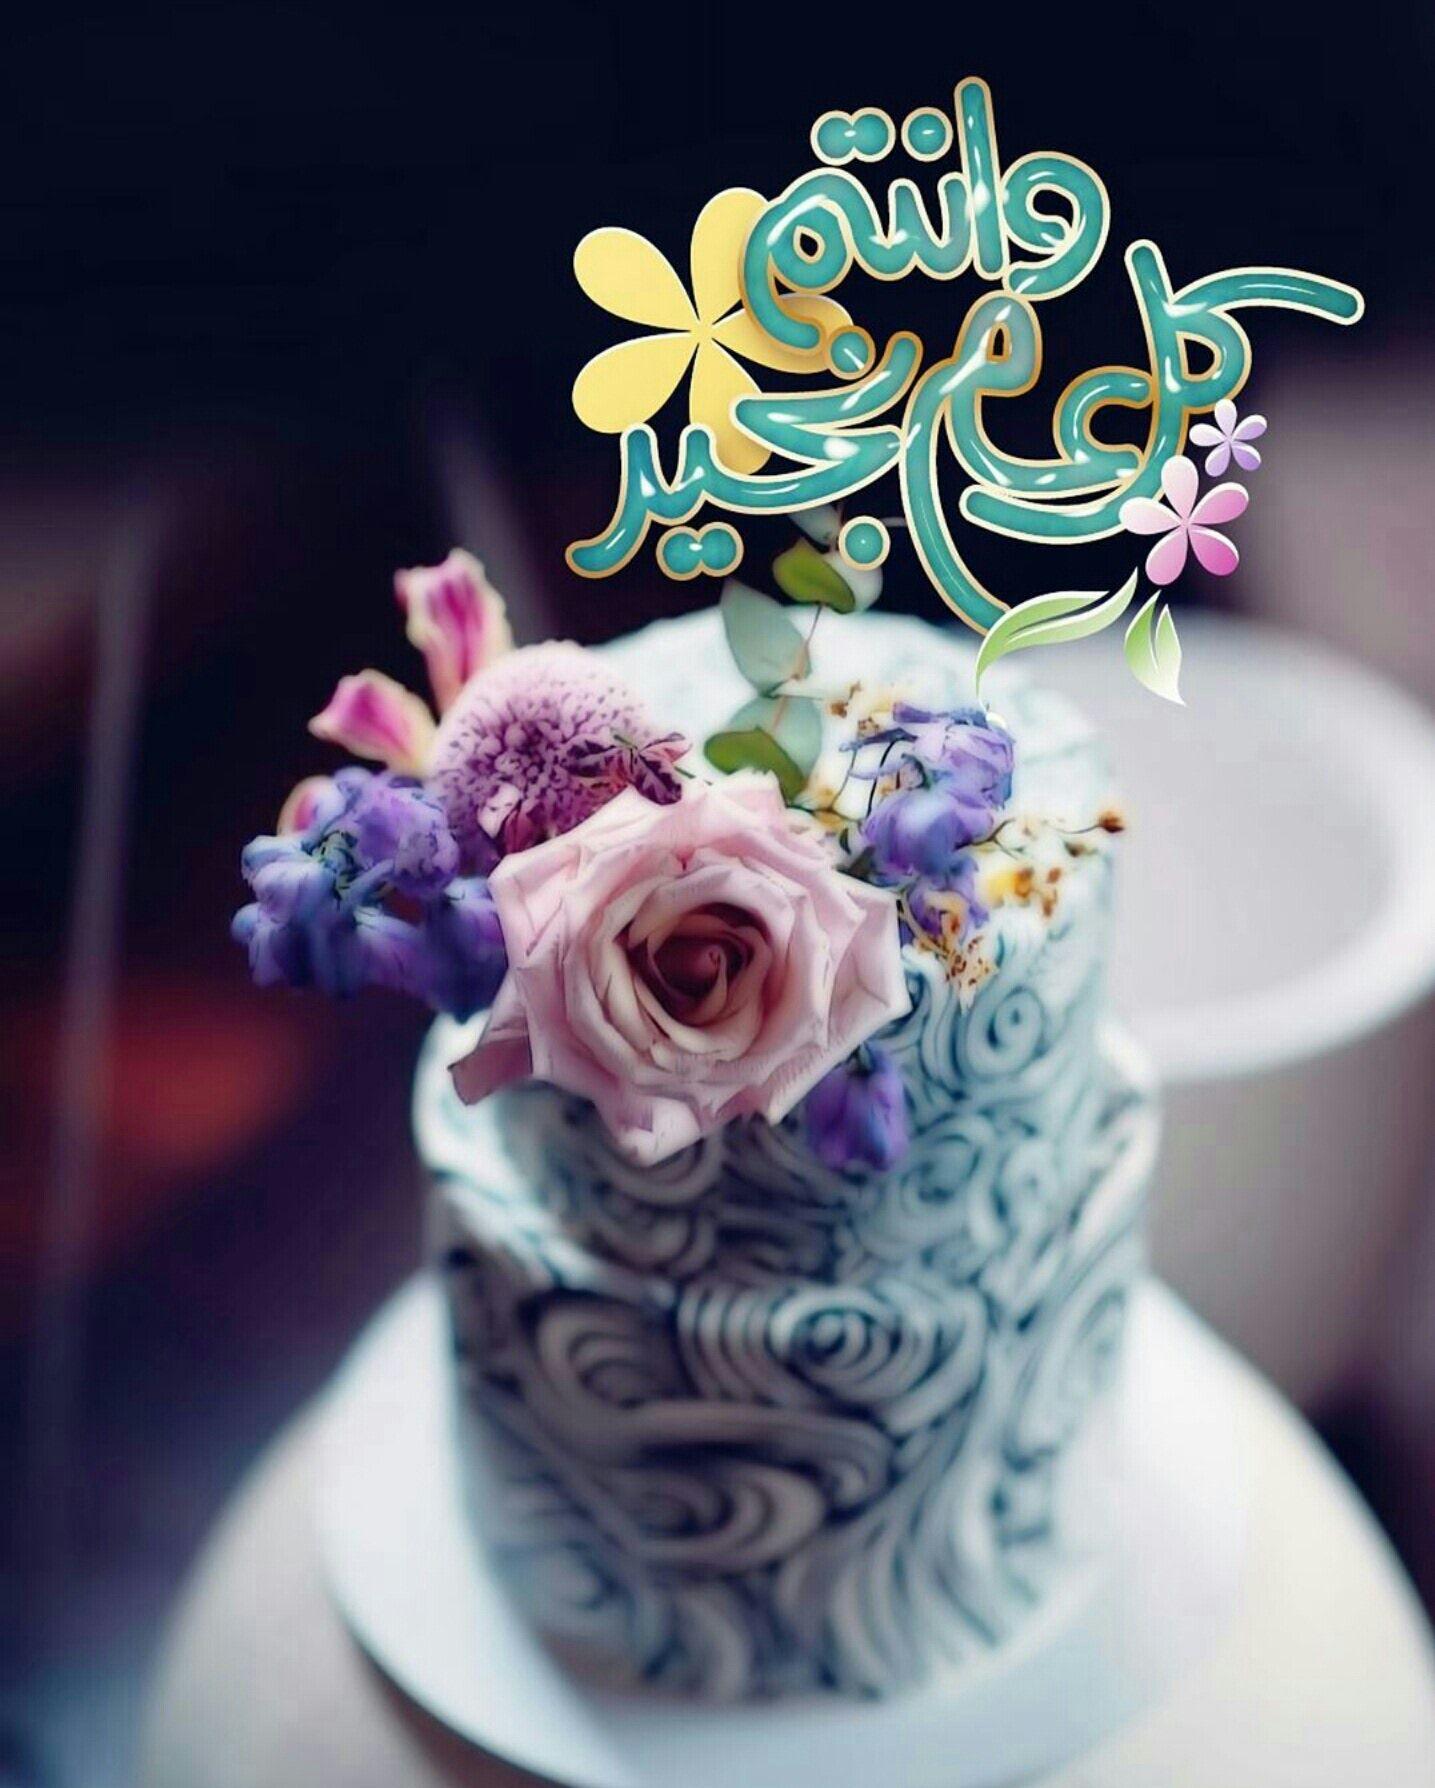 Pin By Rolan Amin On عيد الفطر عيد الأضحى Eid Mubark Eid Cards Eid Mubarak Eid